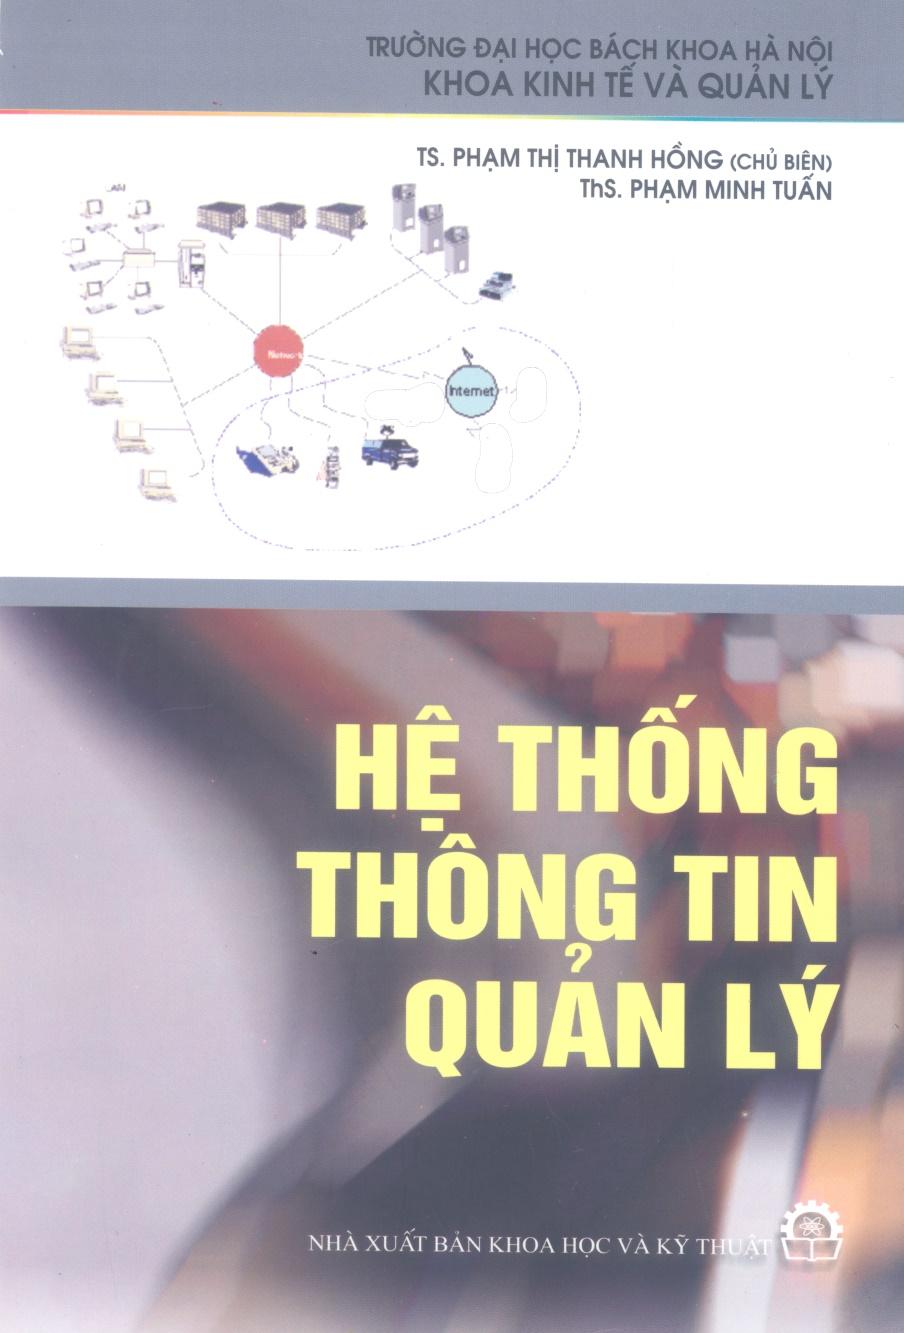 Hệ thống thông tin quản lý - Ts. Phạm Thị Thanh Hồng - Ths. Phạm Minh Tuấn